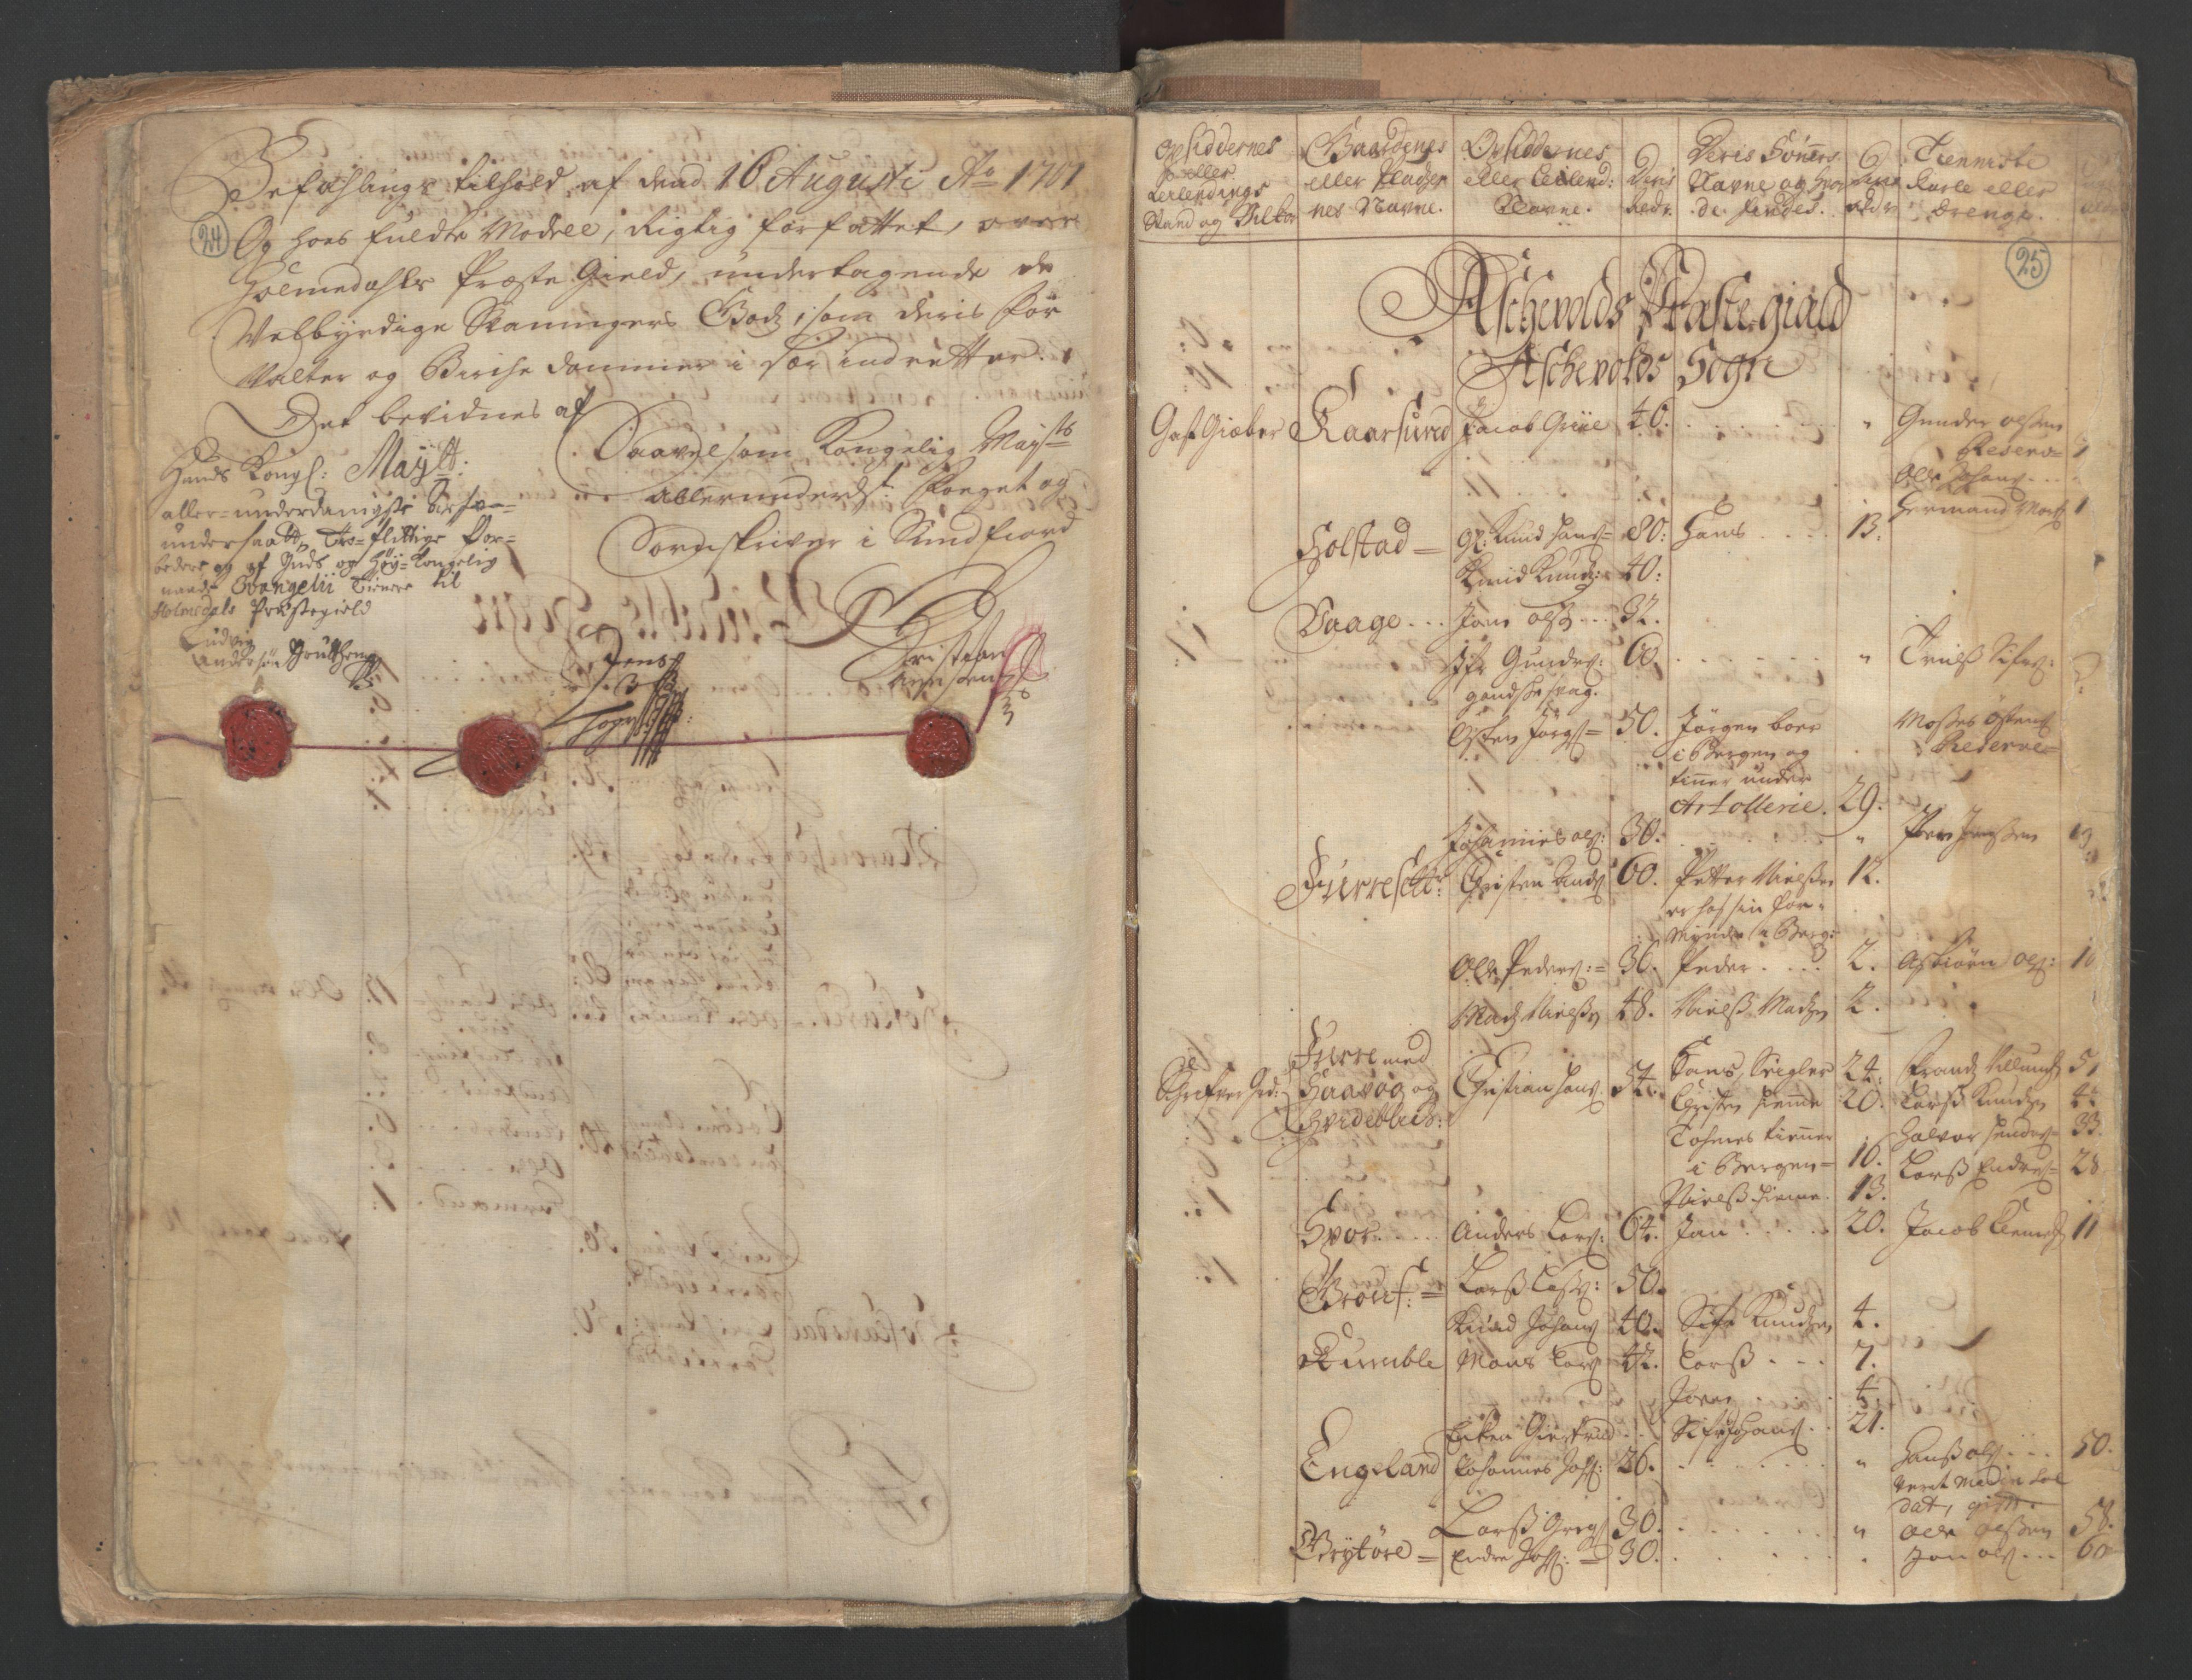 RA, Manntallet 1701, nr. 9: Sunnfjord fogderi, Nordfjord fogderi og Svanø birk, 1701, s. 24-25